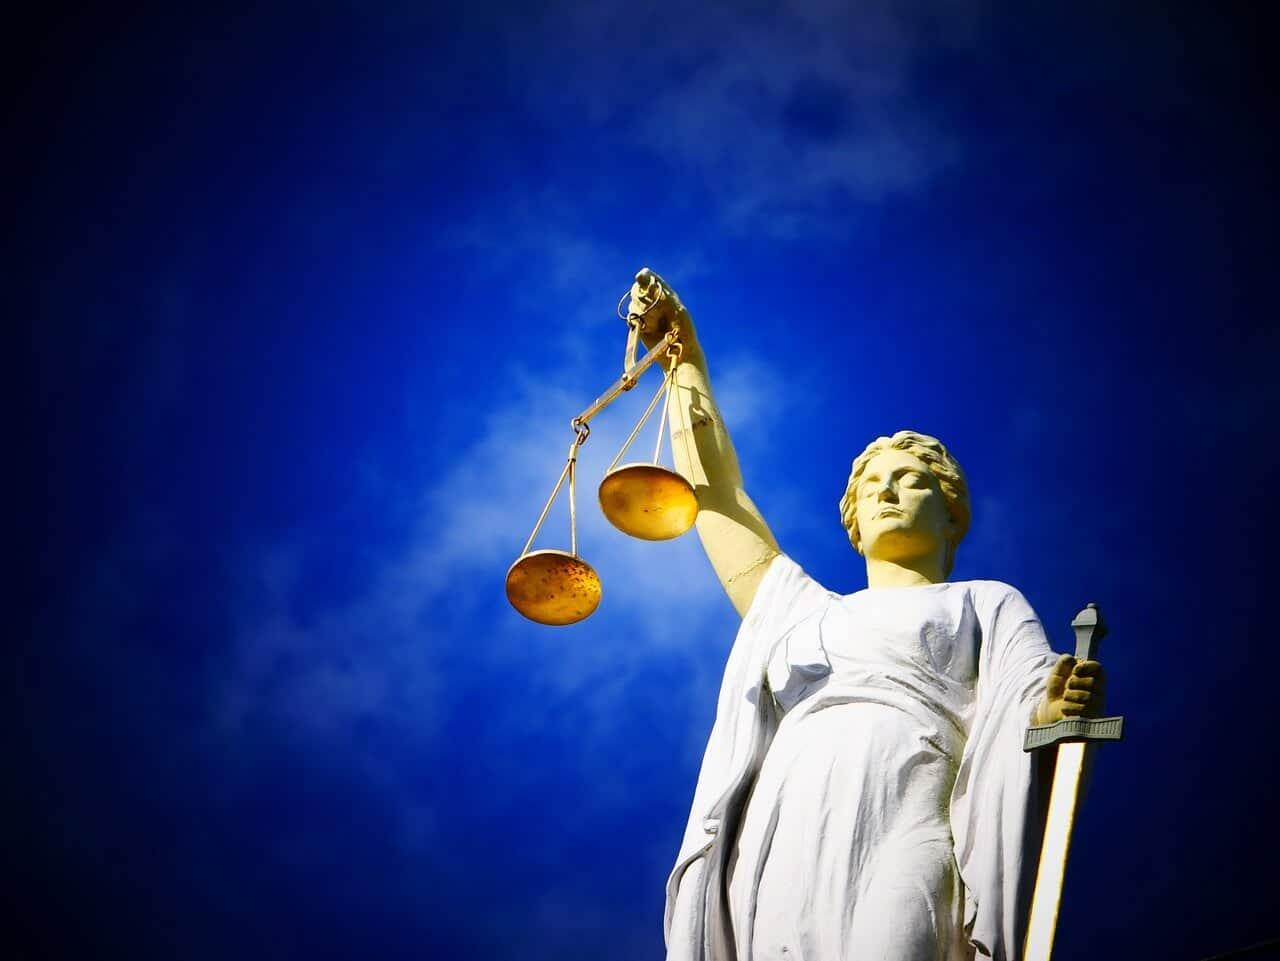 Vorsicht vor Abmahnanwälten – rechtliche Grundlagen der digitalen Mediennutzung